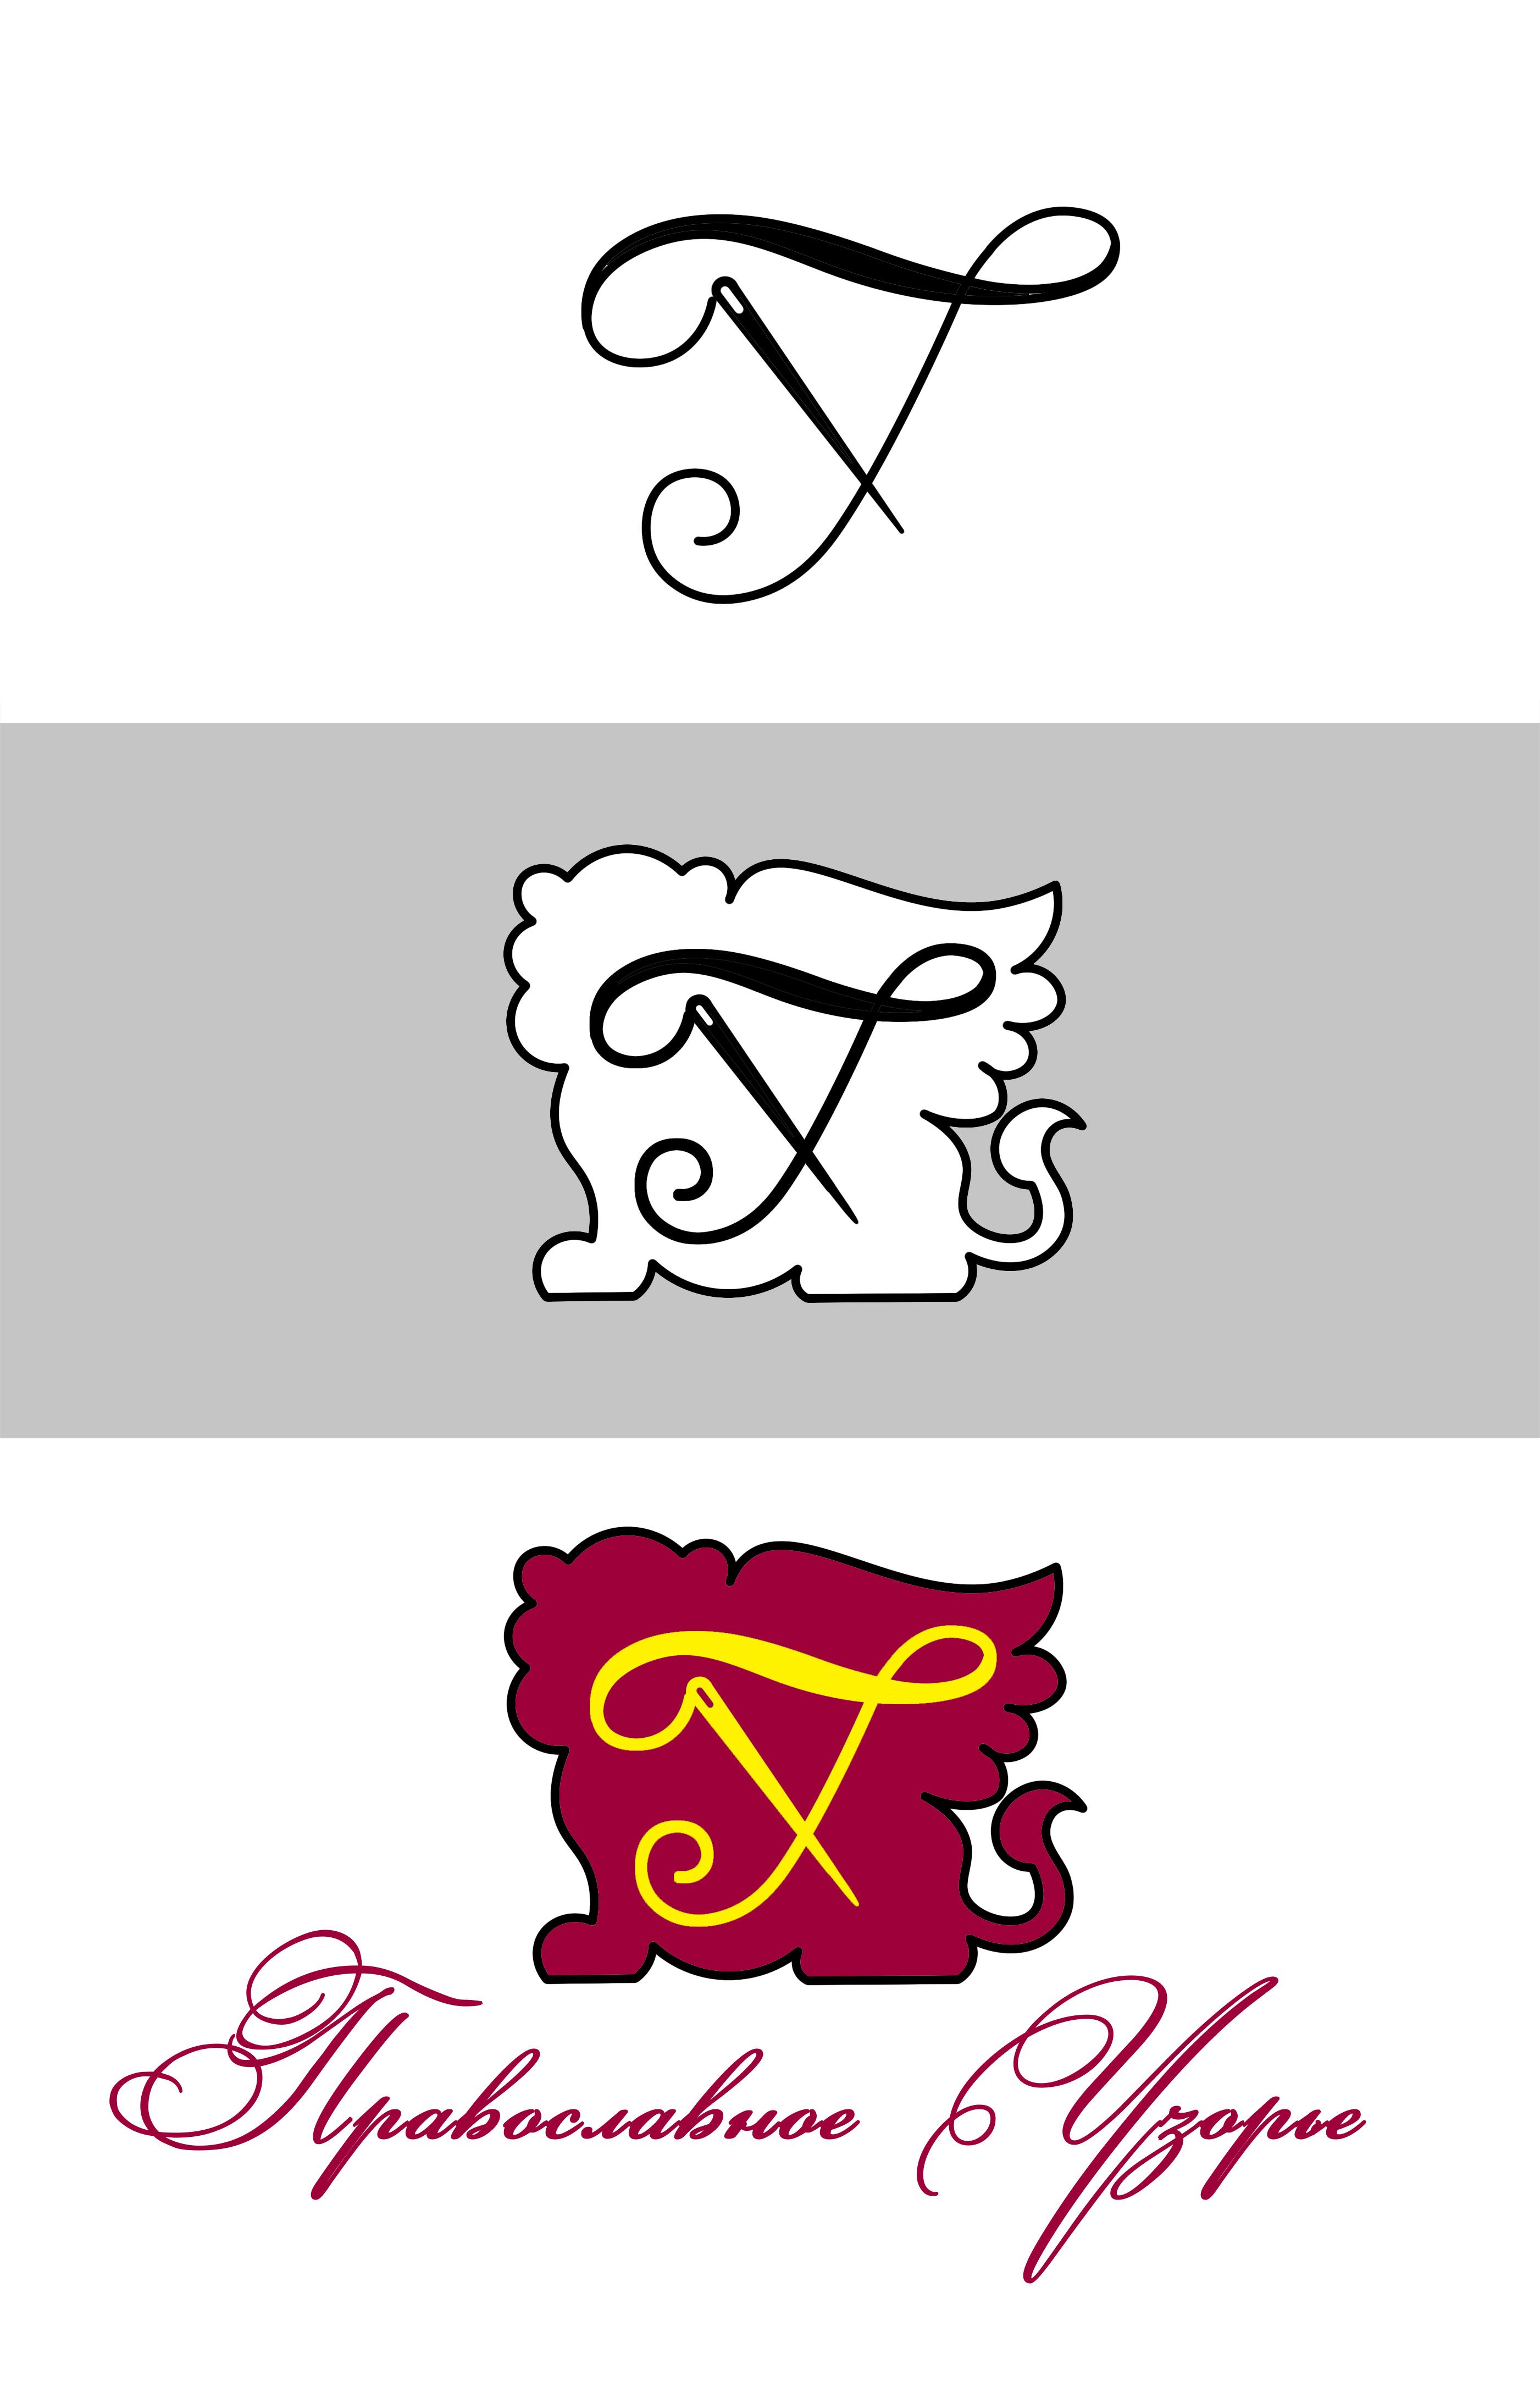 Логотип + визитка + сайт фото f_9345b0edb4a3b14a.jpg